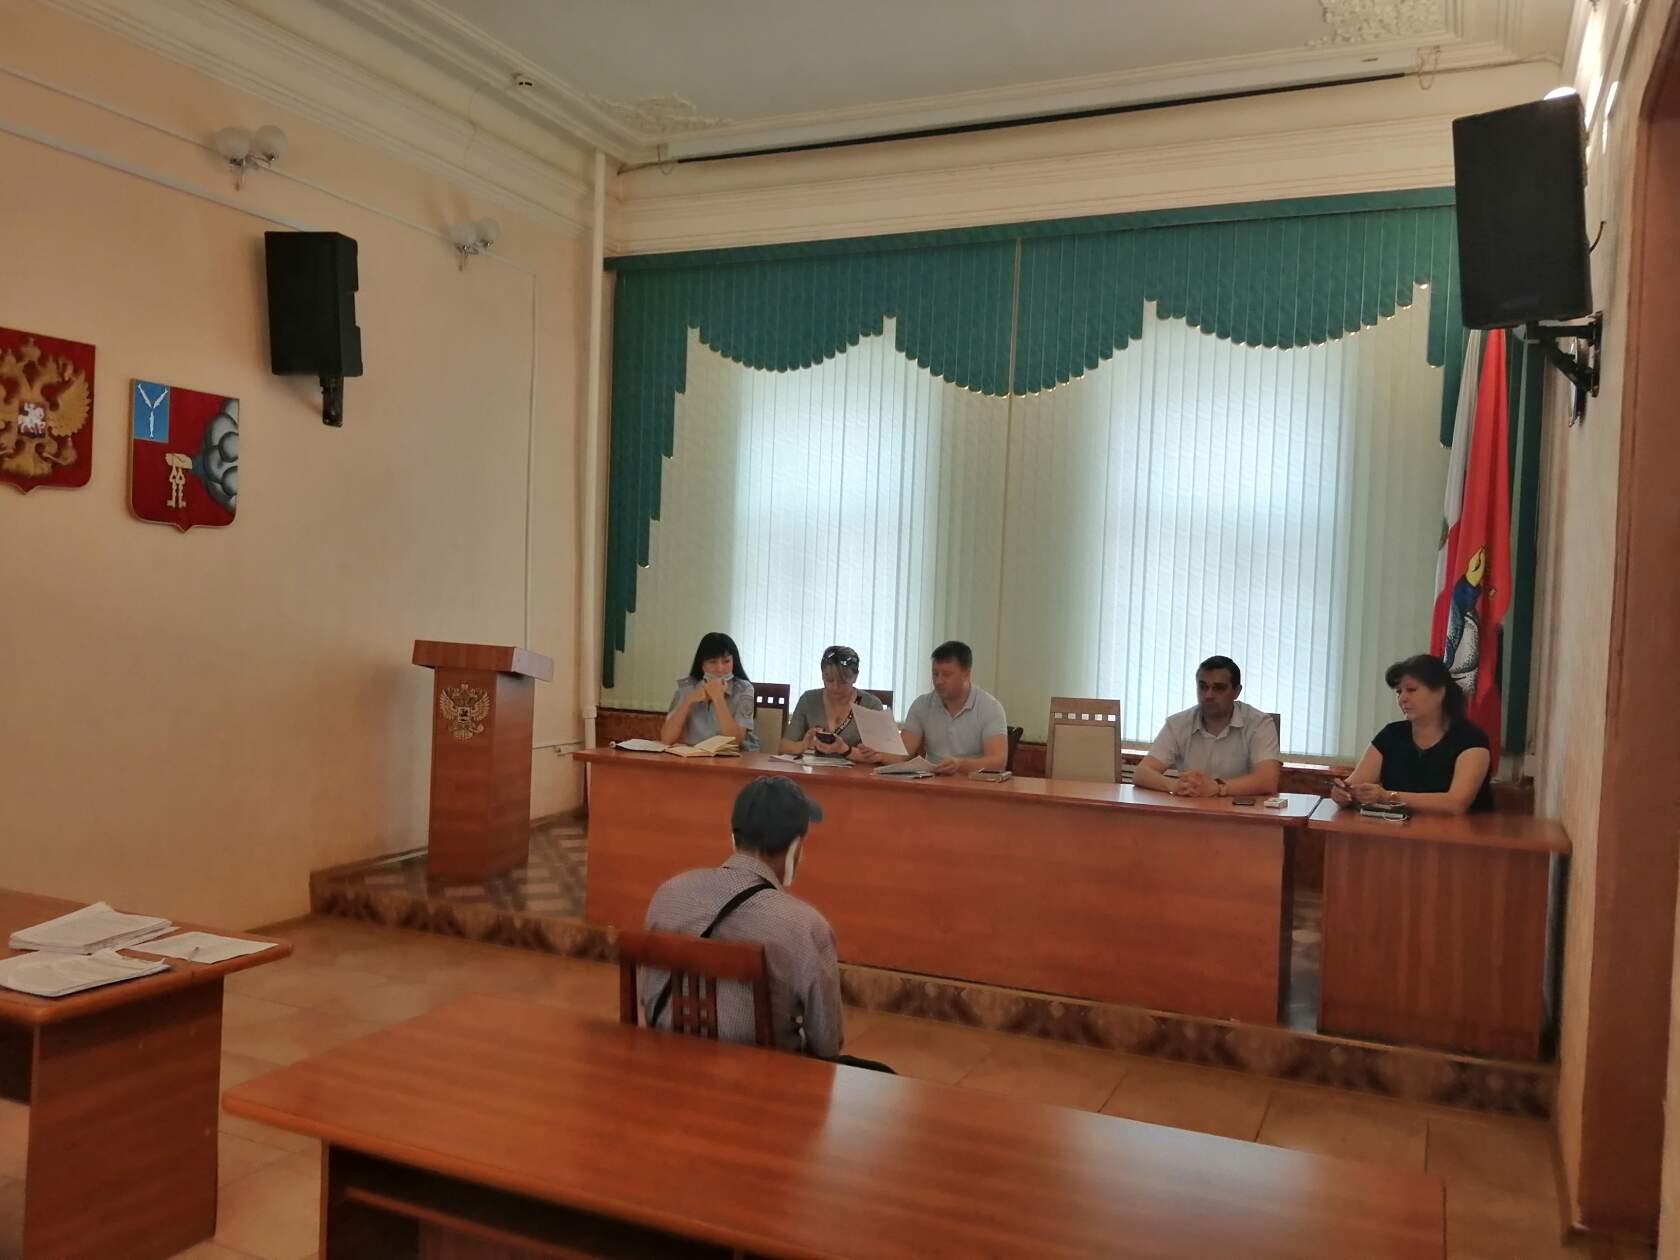 Административная комиссия рассмотрела 12 протоколов о правонарушениях